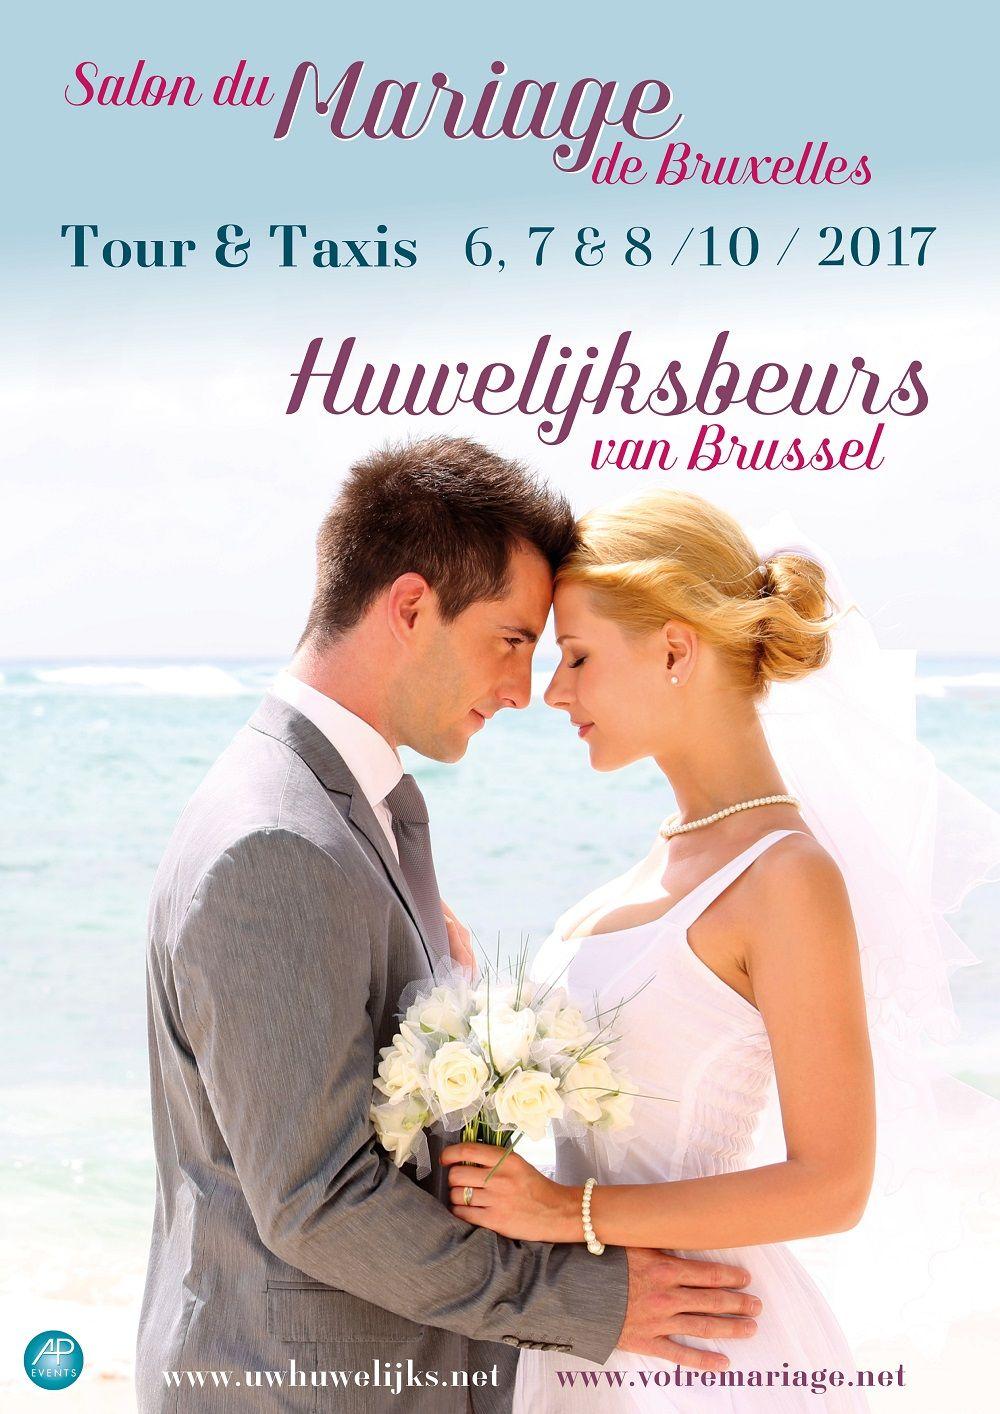 Salon du mariage de bruxelles bruxelles les vendredi 6 samedi 7 et dimanche 8 octobre 2017 - Salon du mariage de bruxelles ...